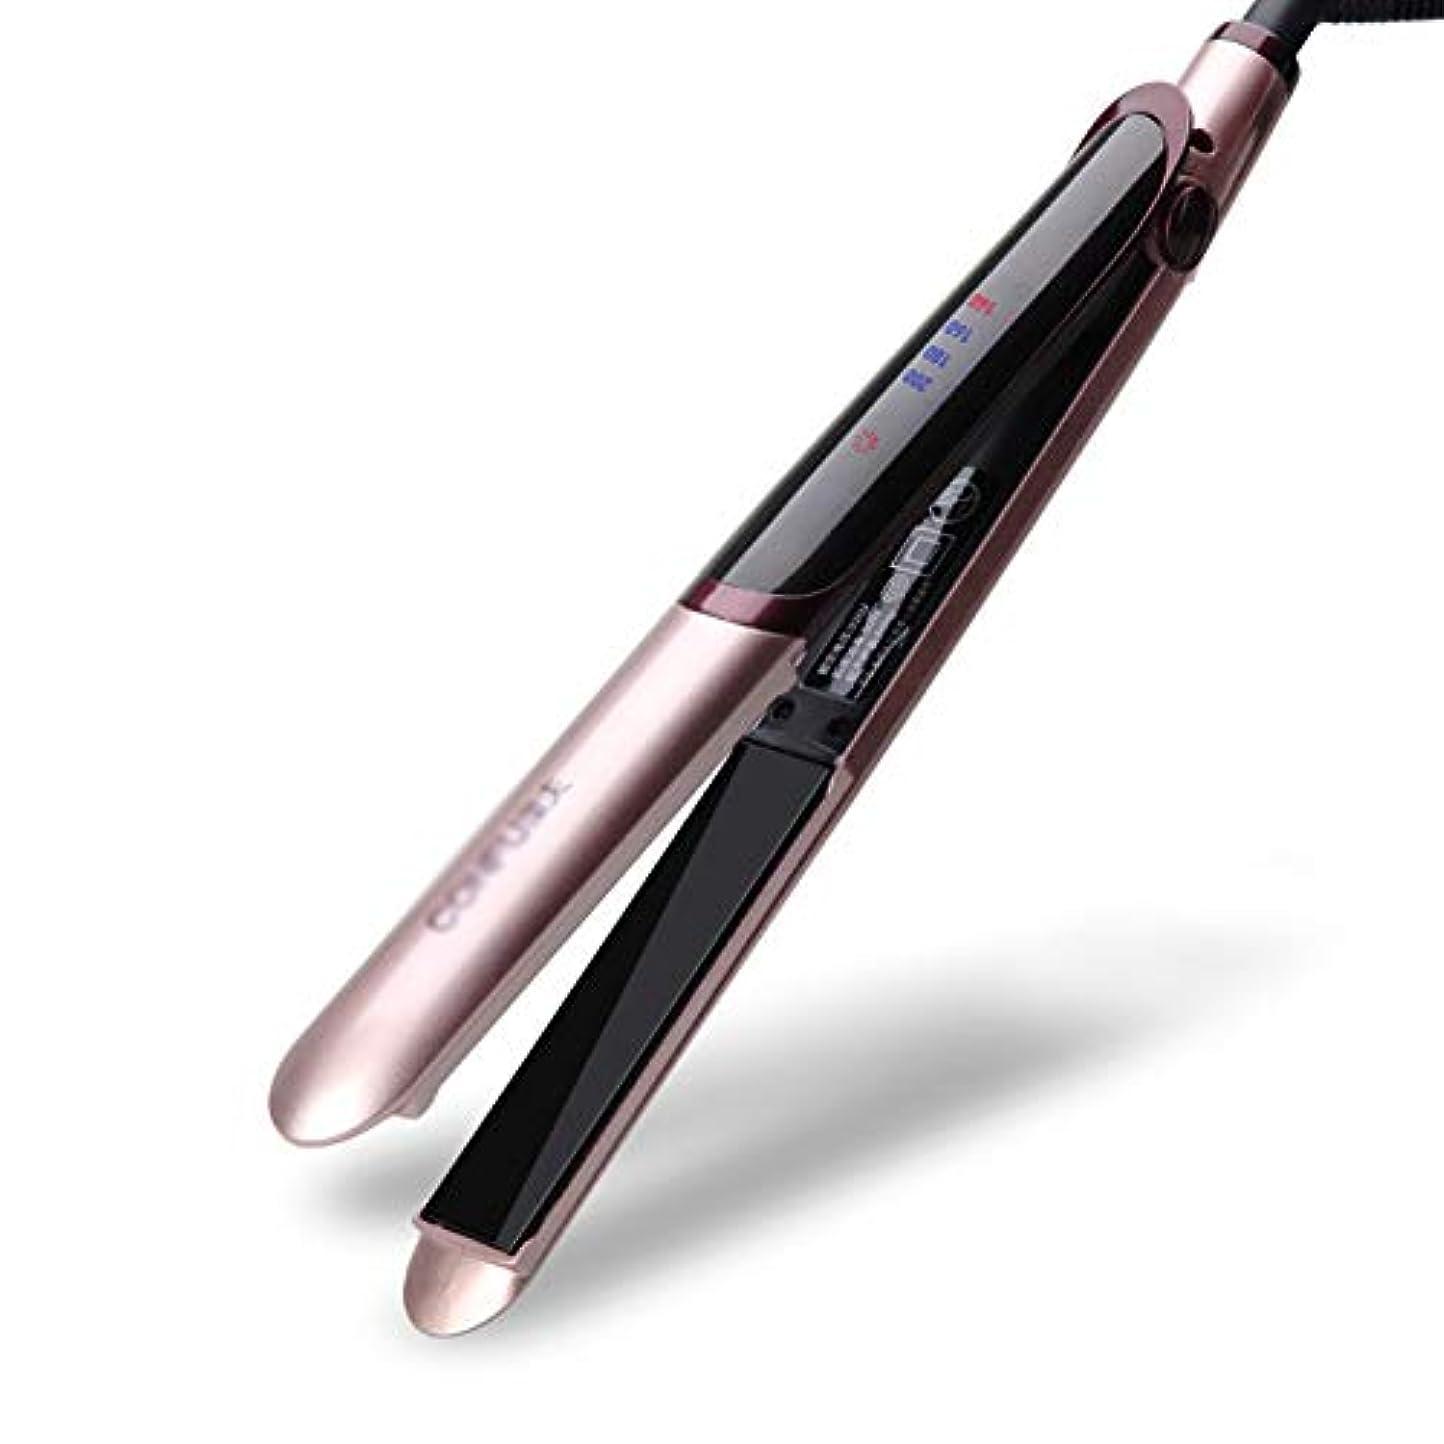 模索ブリーフケース更新セラミックストレートヘアアイロンPtc加熱液晶デジタルディスプレイ、すべての髪のスタイルの調整可能なユニバーサル電圧温度